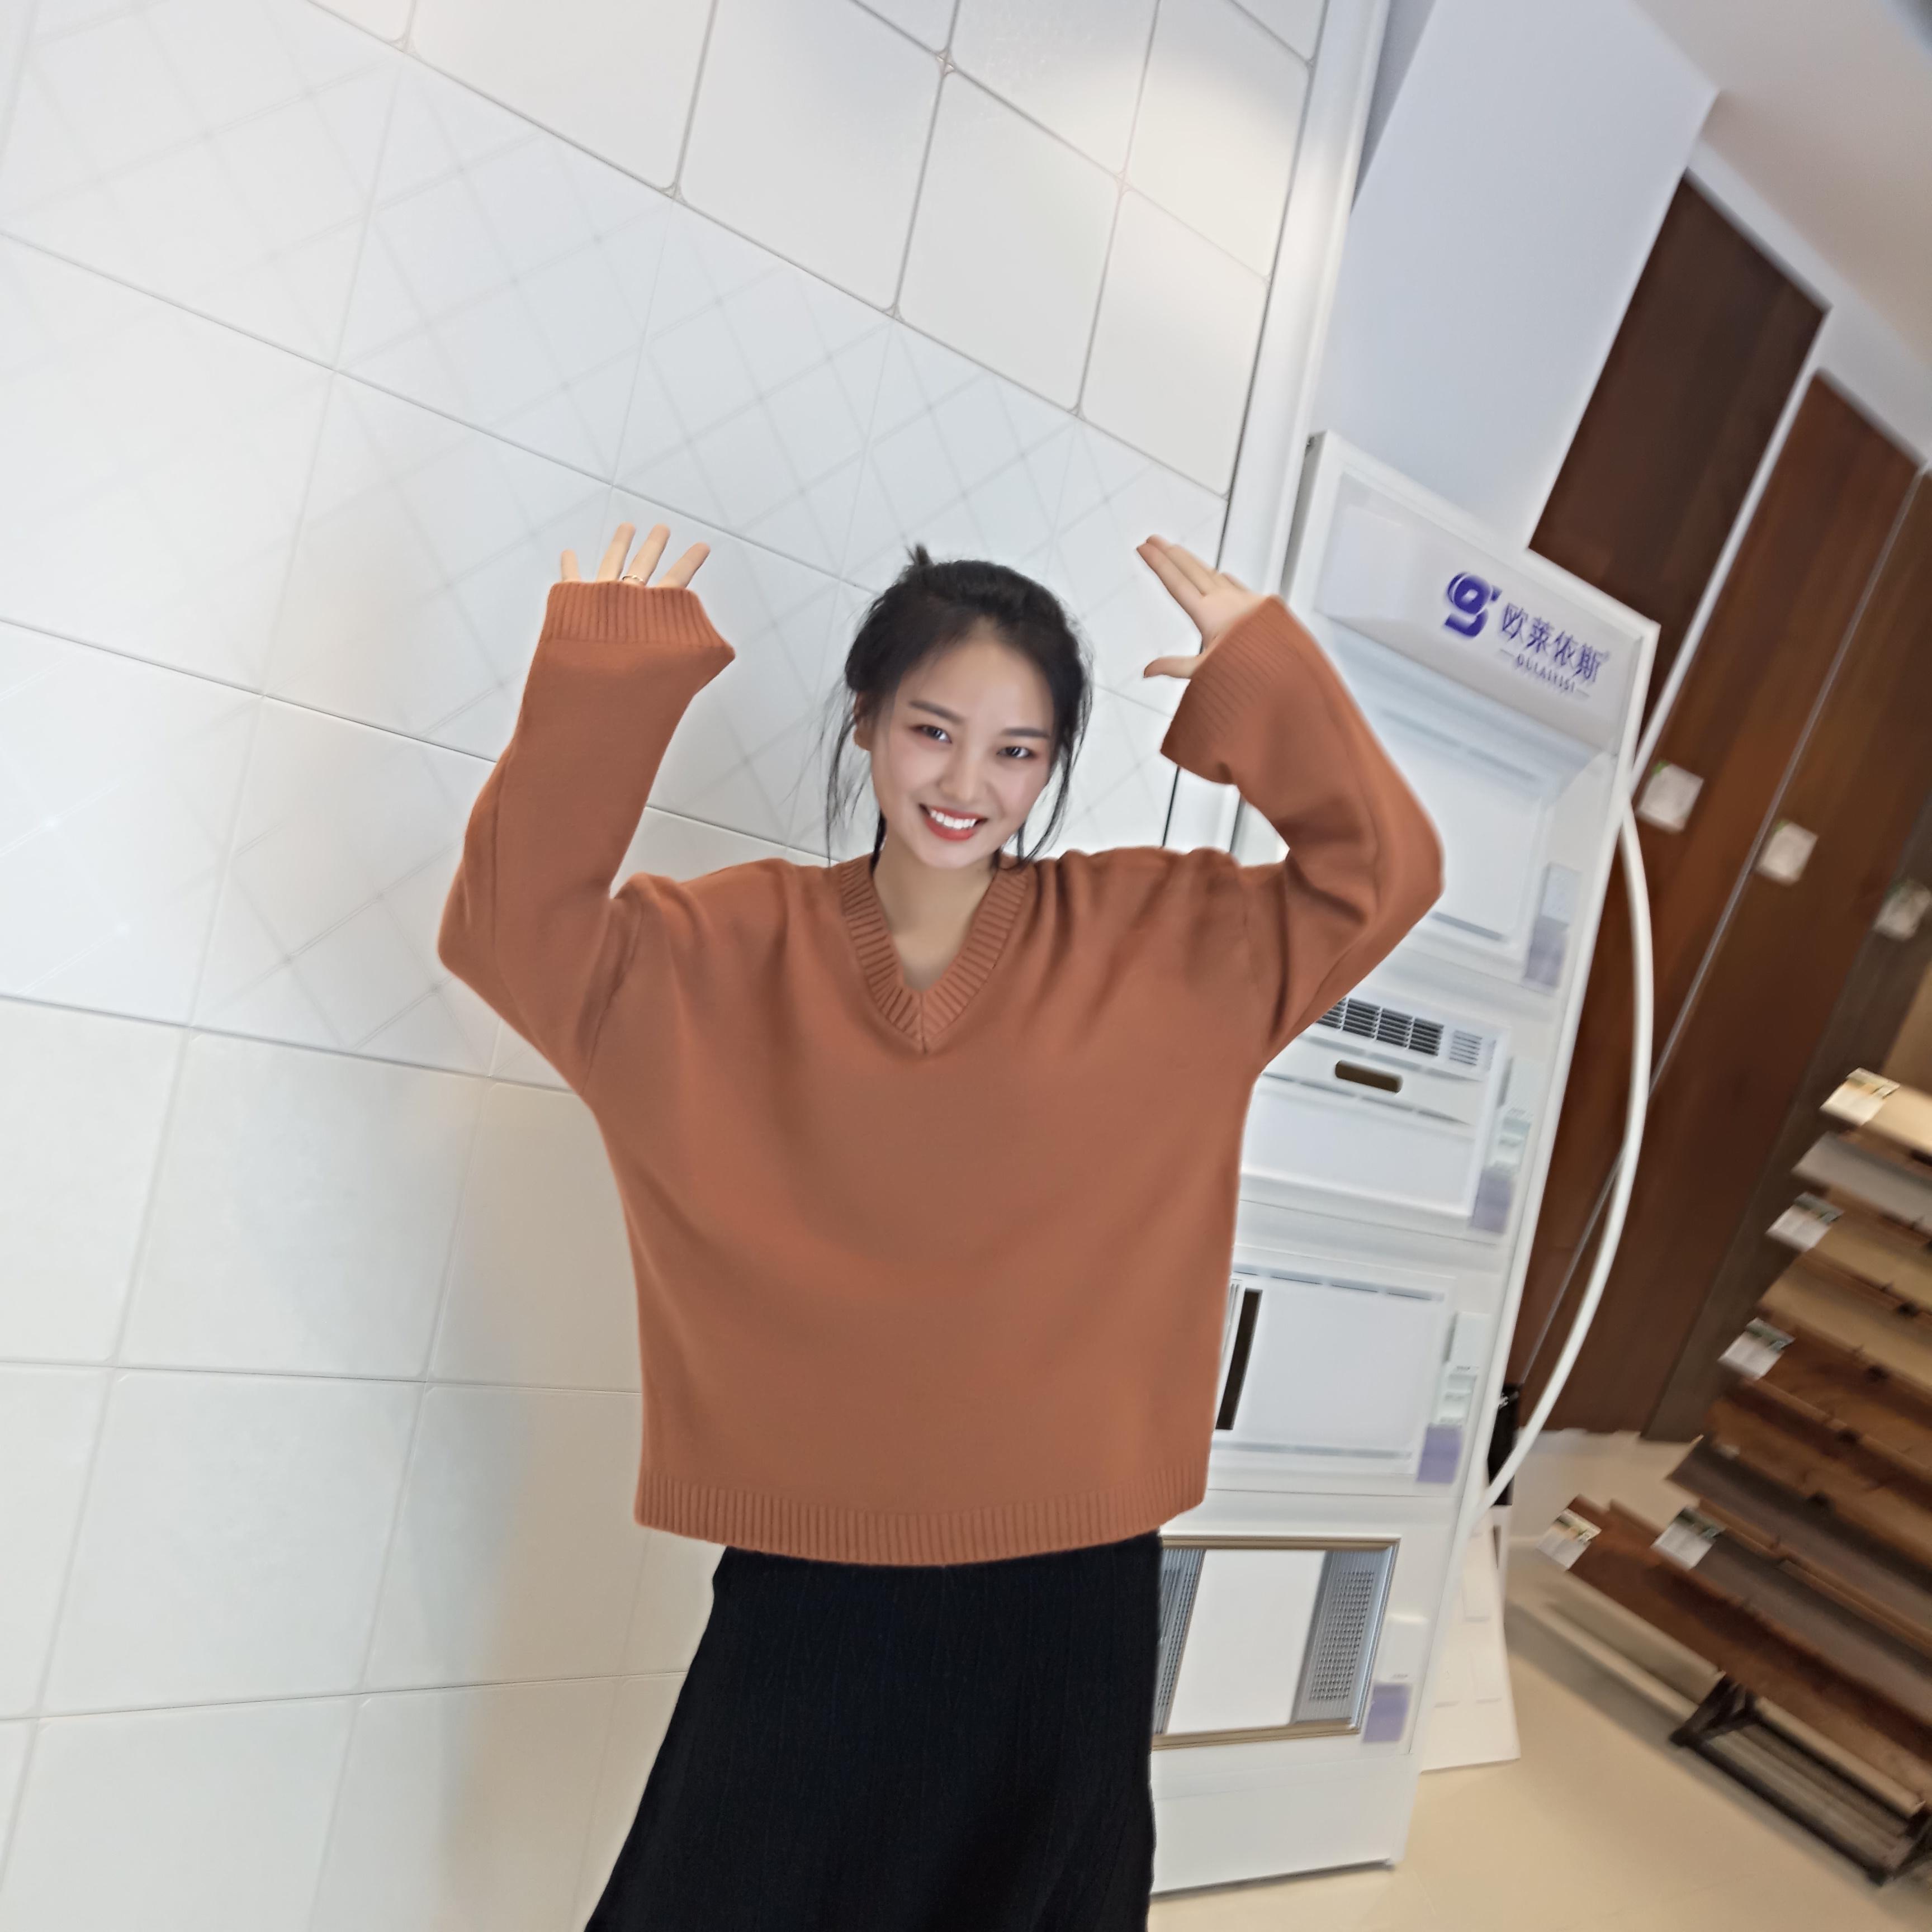 针织衫 【9月13号】2018秋季新款女士针织衫8715_推荐淘宝好看的女针织衫